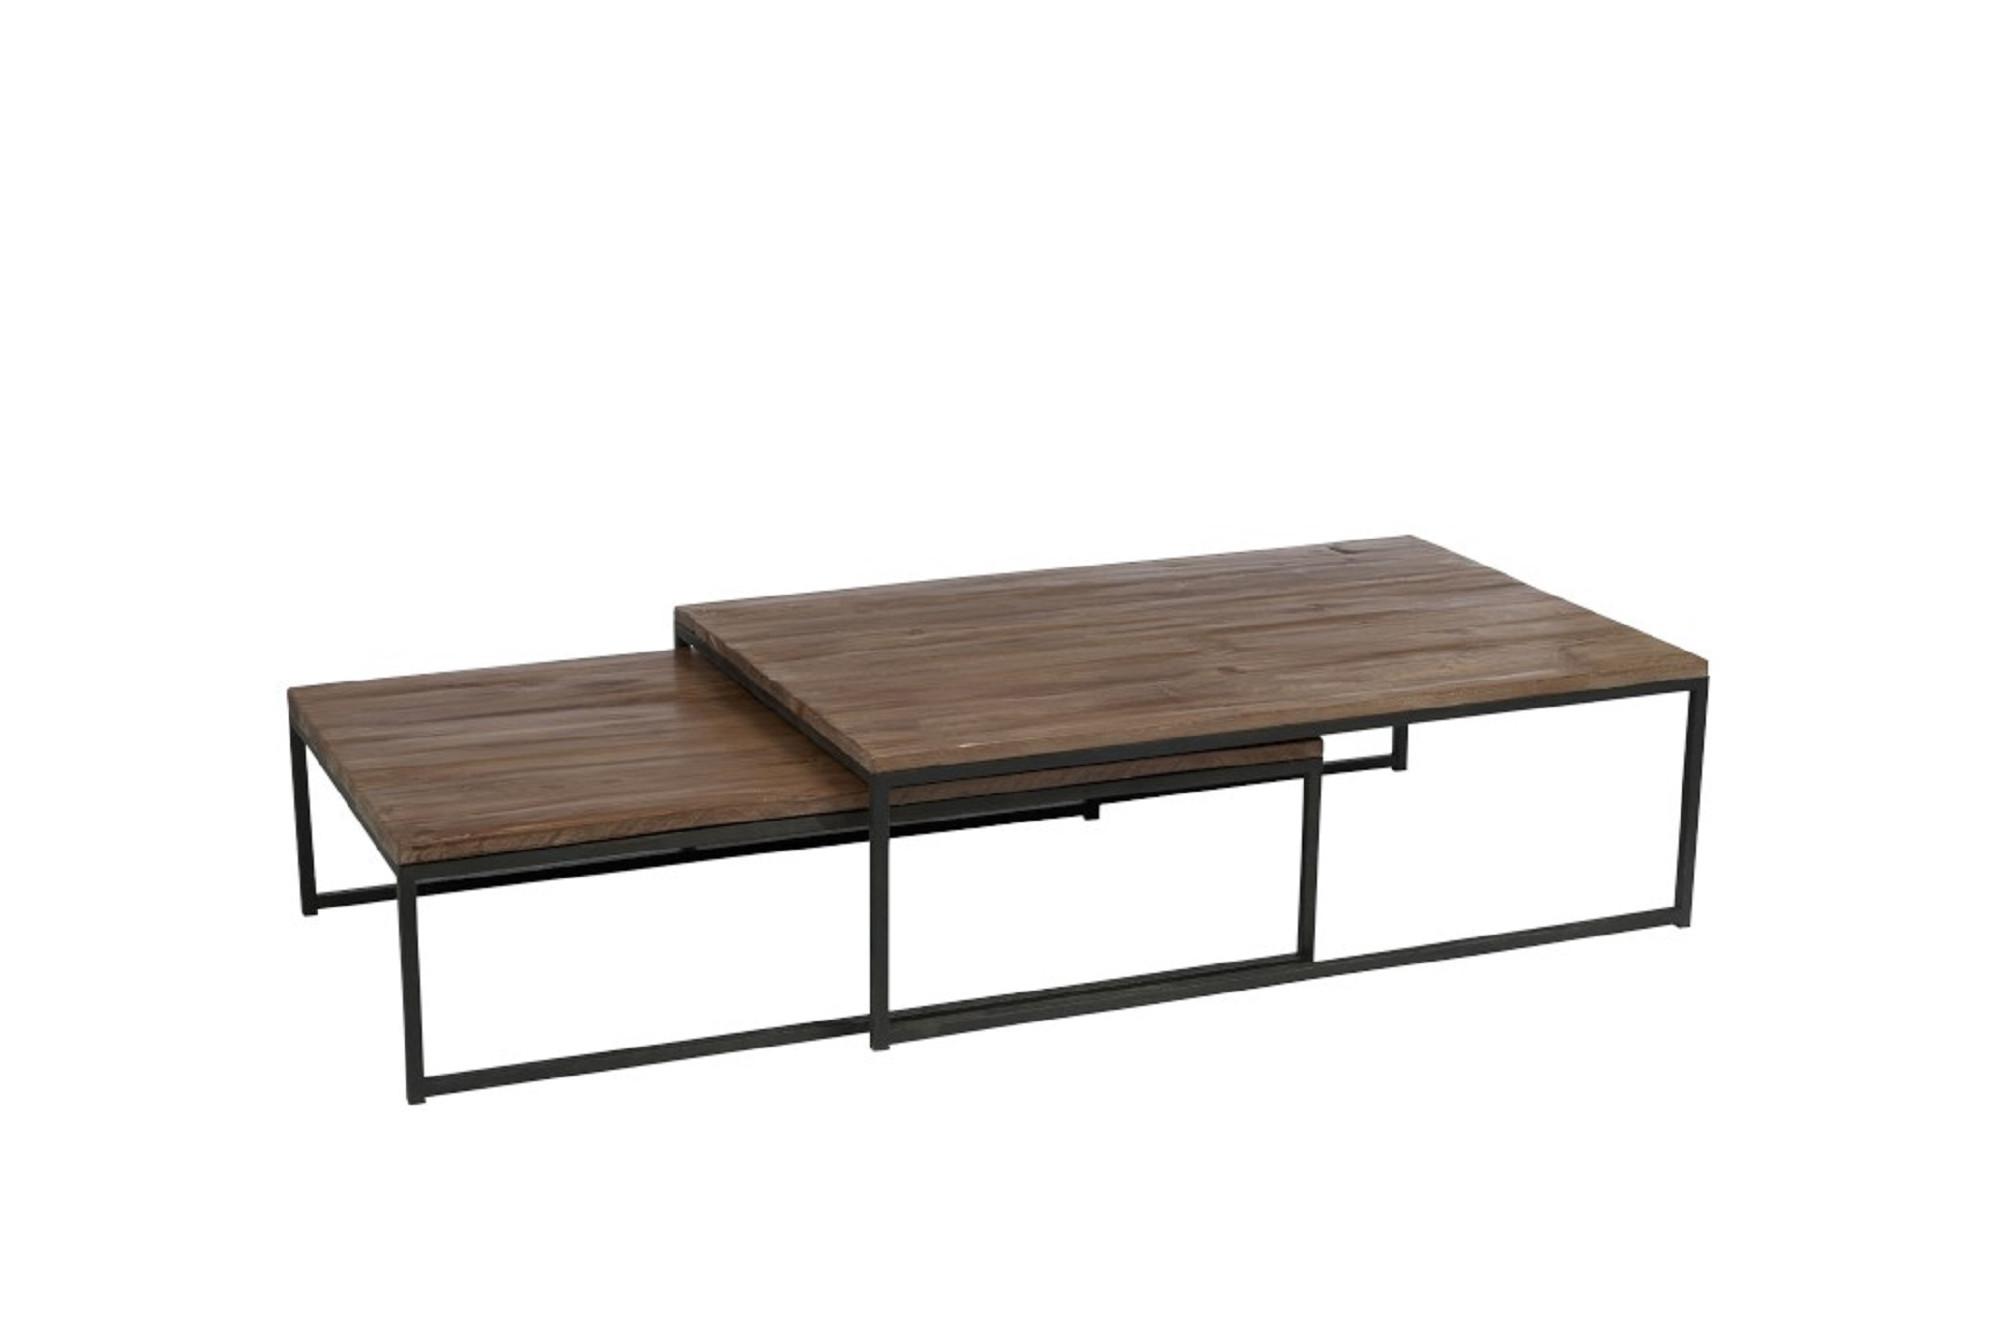 Tables basses industrielles imbriquées, en bois brut et métal - Hellin